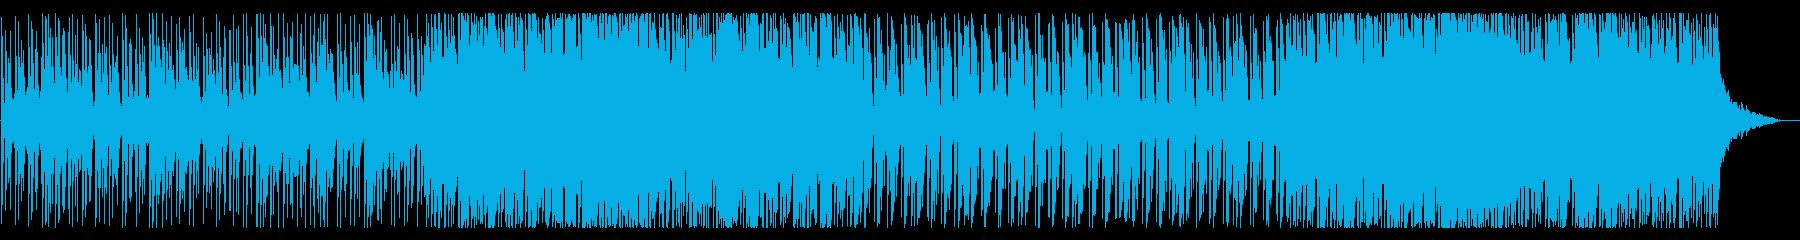 メロディック・プログレッシブ・ハウス01の再生済みの波形